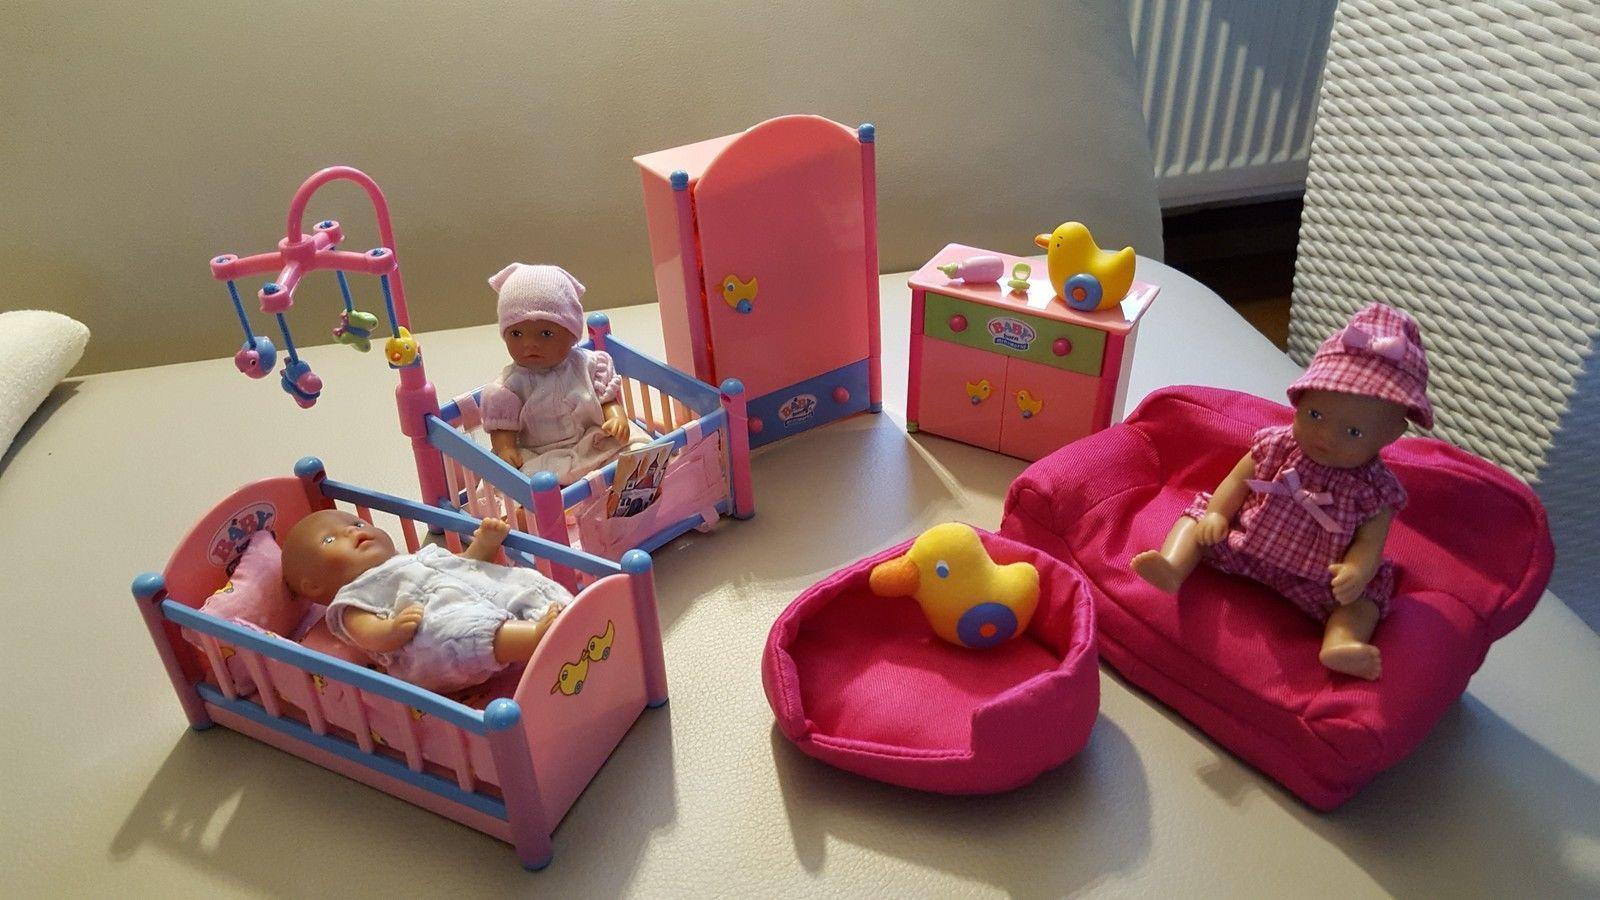 Baby Born Miniworld Kinderzimmer Mit Mobel Und 3 Puppen Unbespielt In Spielzeug Puppen Amp Zubehor Babypuppen Amp Baby Dolls Tiny Dolls Toddler Bed